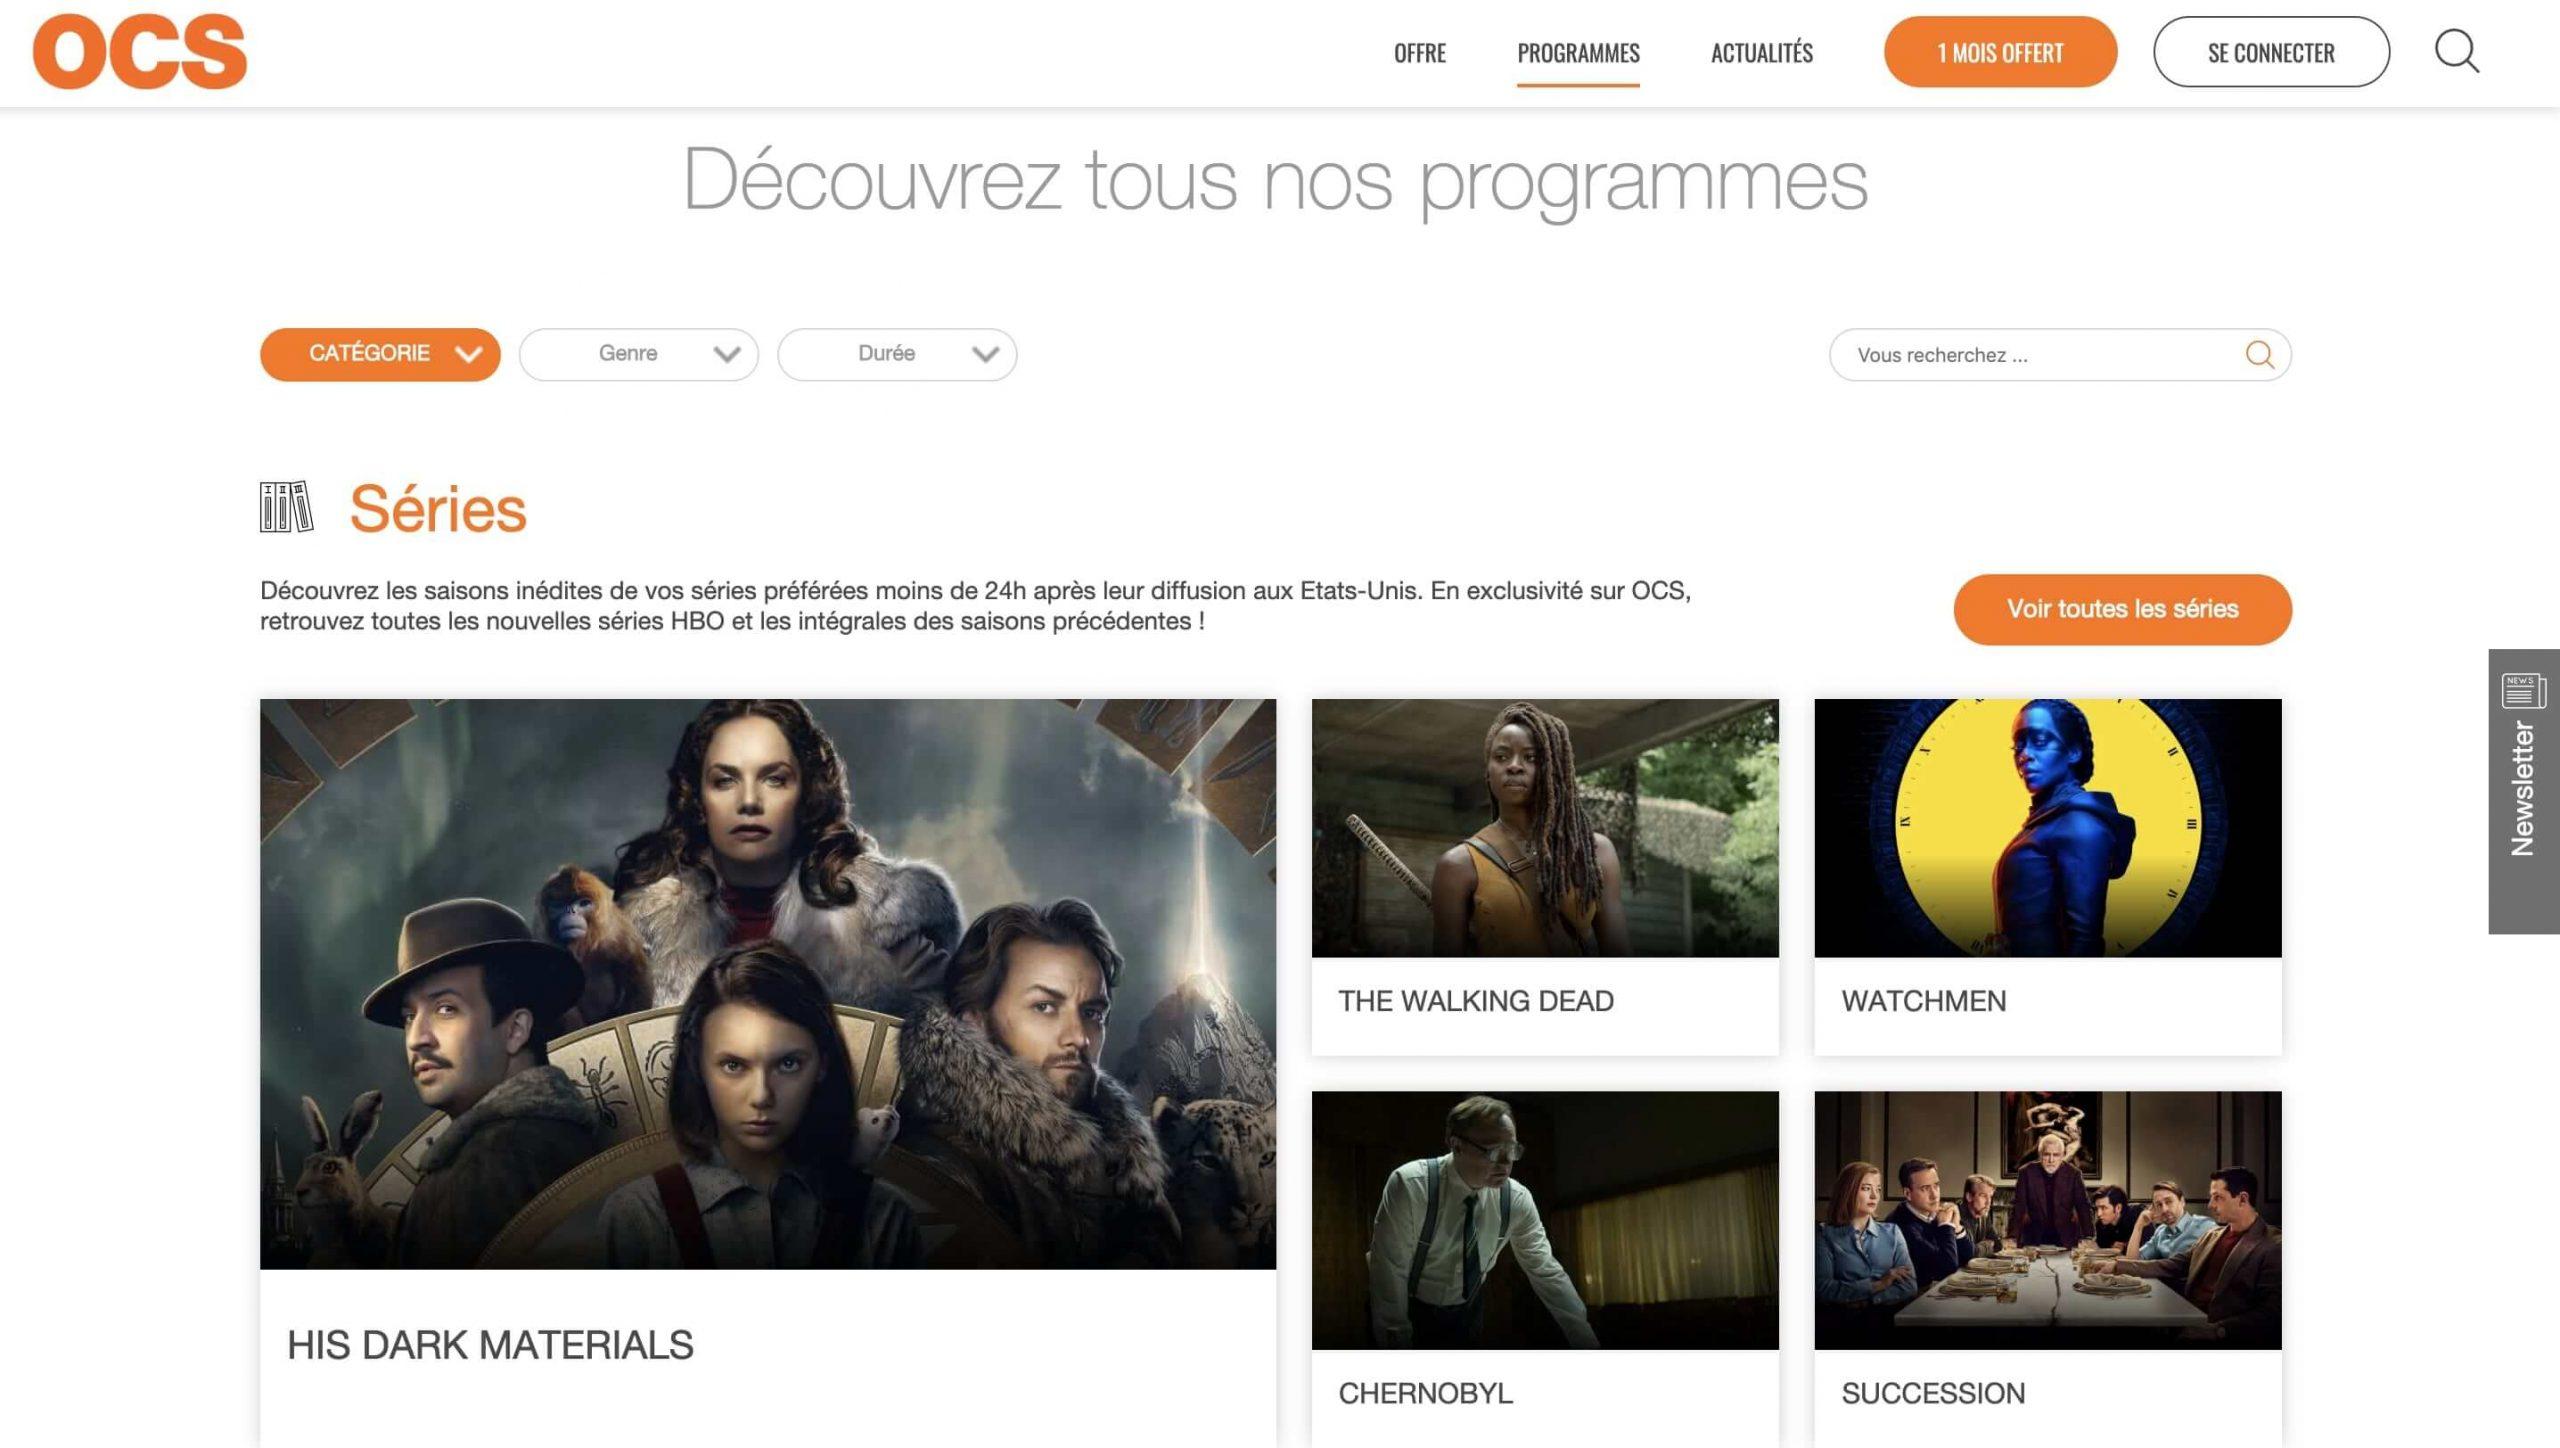 Exemple de la signification des couleurs : utilisation de la couleur orange. Couleur majoritaire de l'identité de marque d'OCS, service de divertissement en streaming.